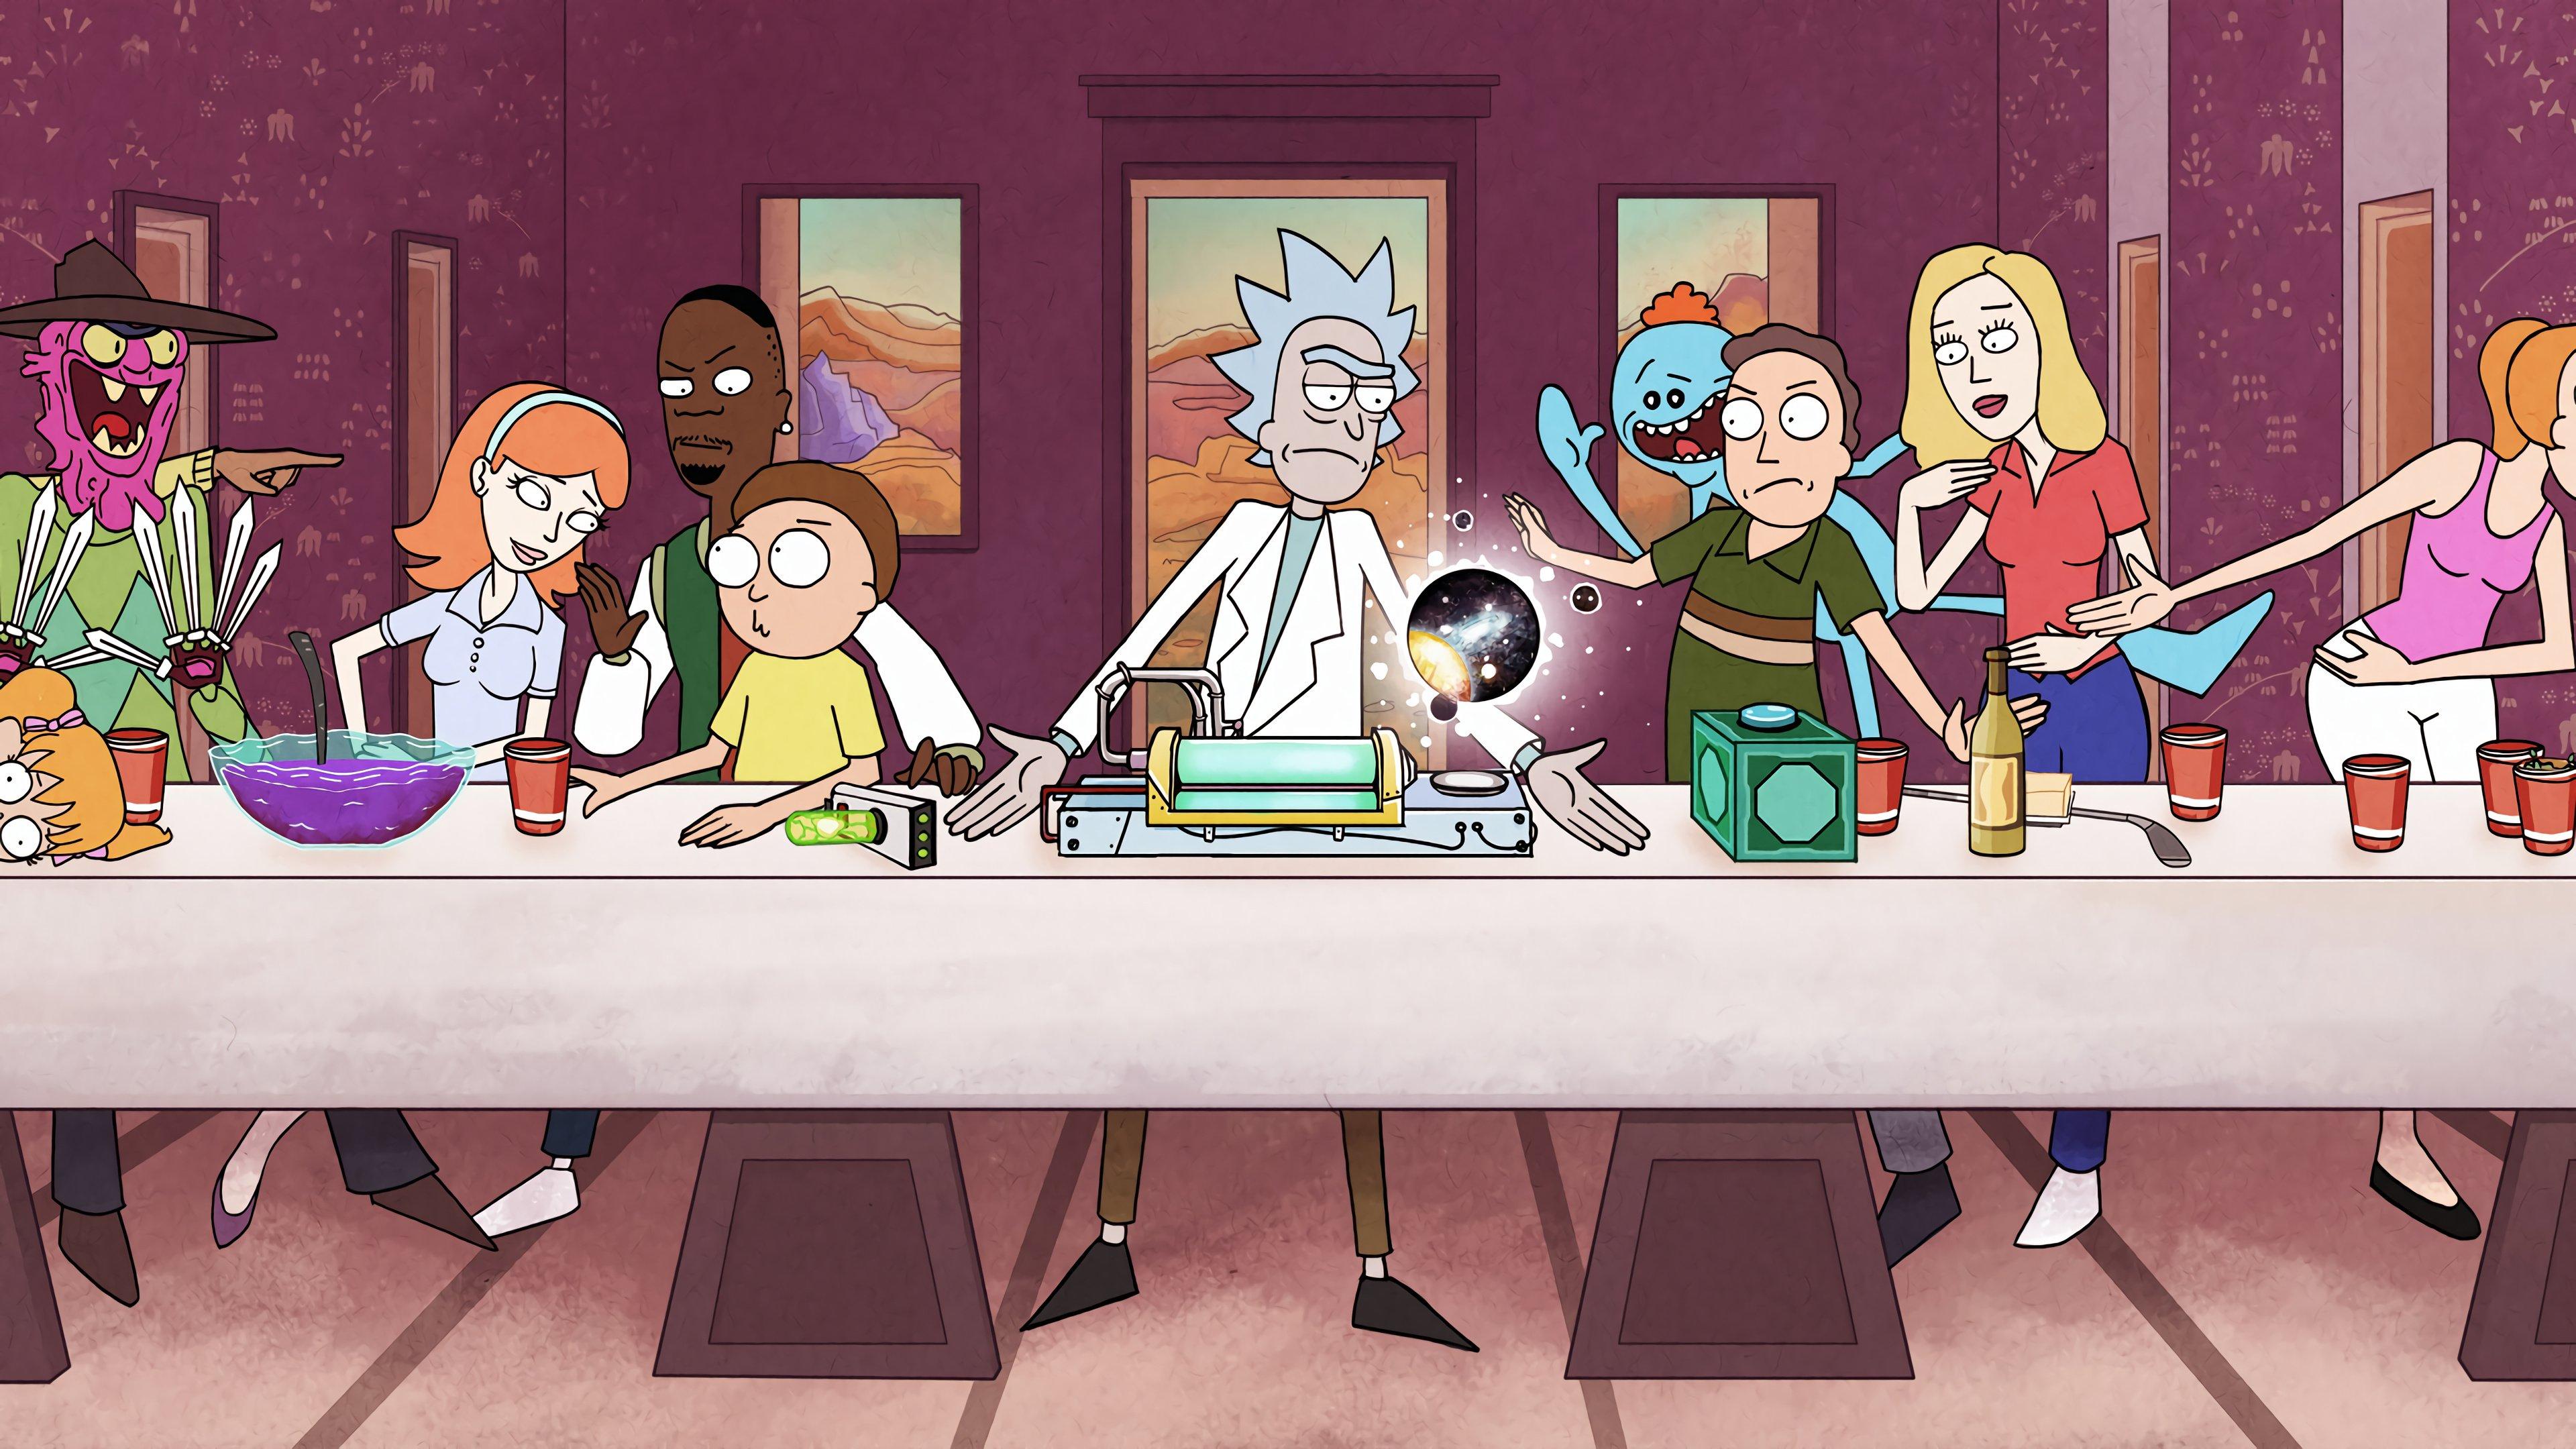 Fondos de pantalla La ultima cena de Rick y Morty